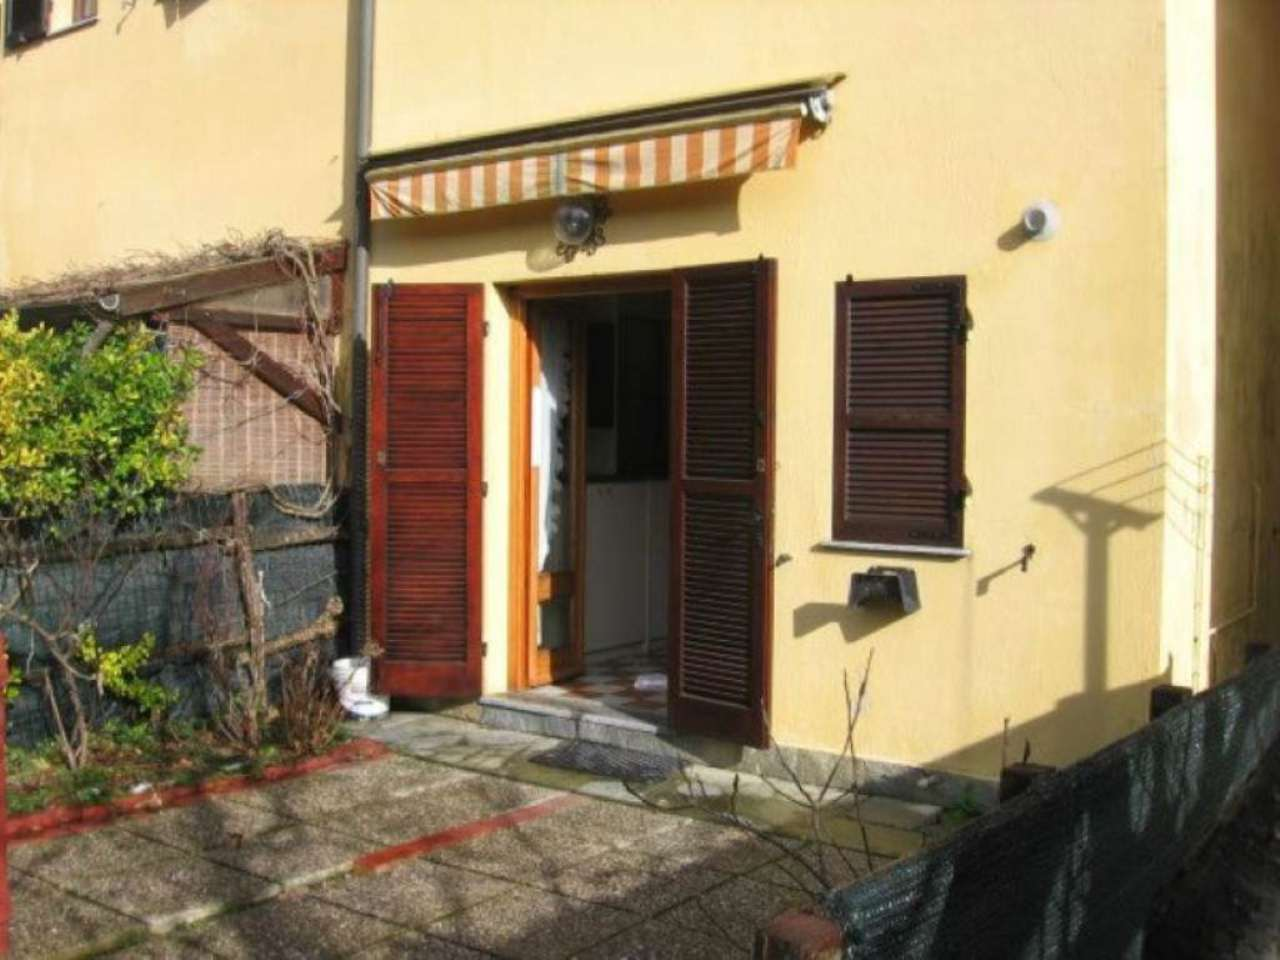 Palazzo / Stabile in vendita a Casella, 4 locali, prezzo € 107.000 | Cambio Casa.it